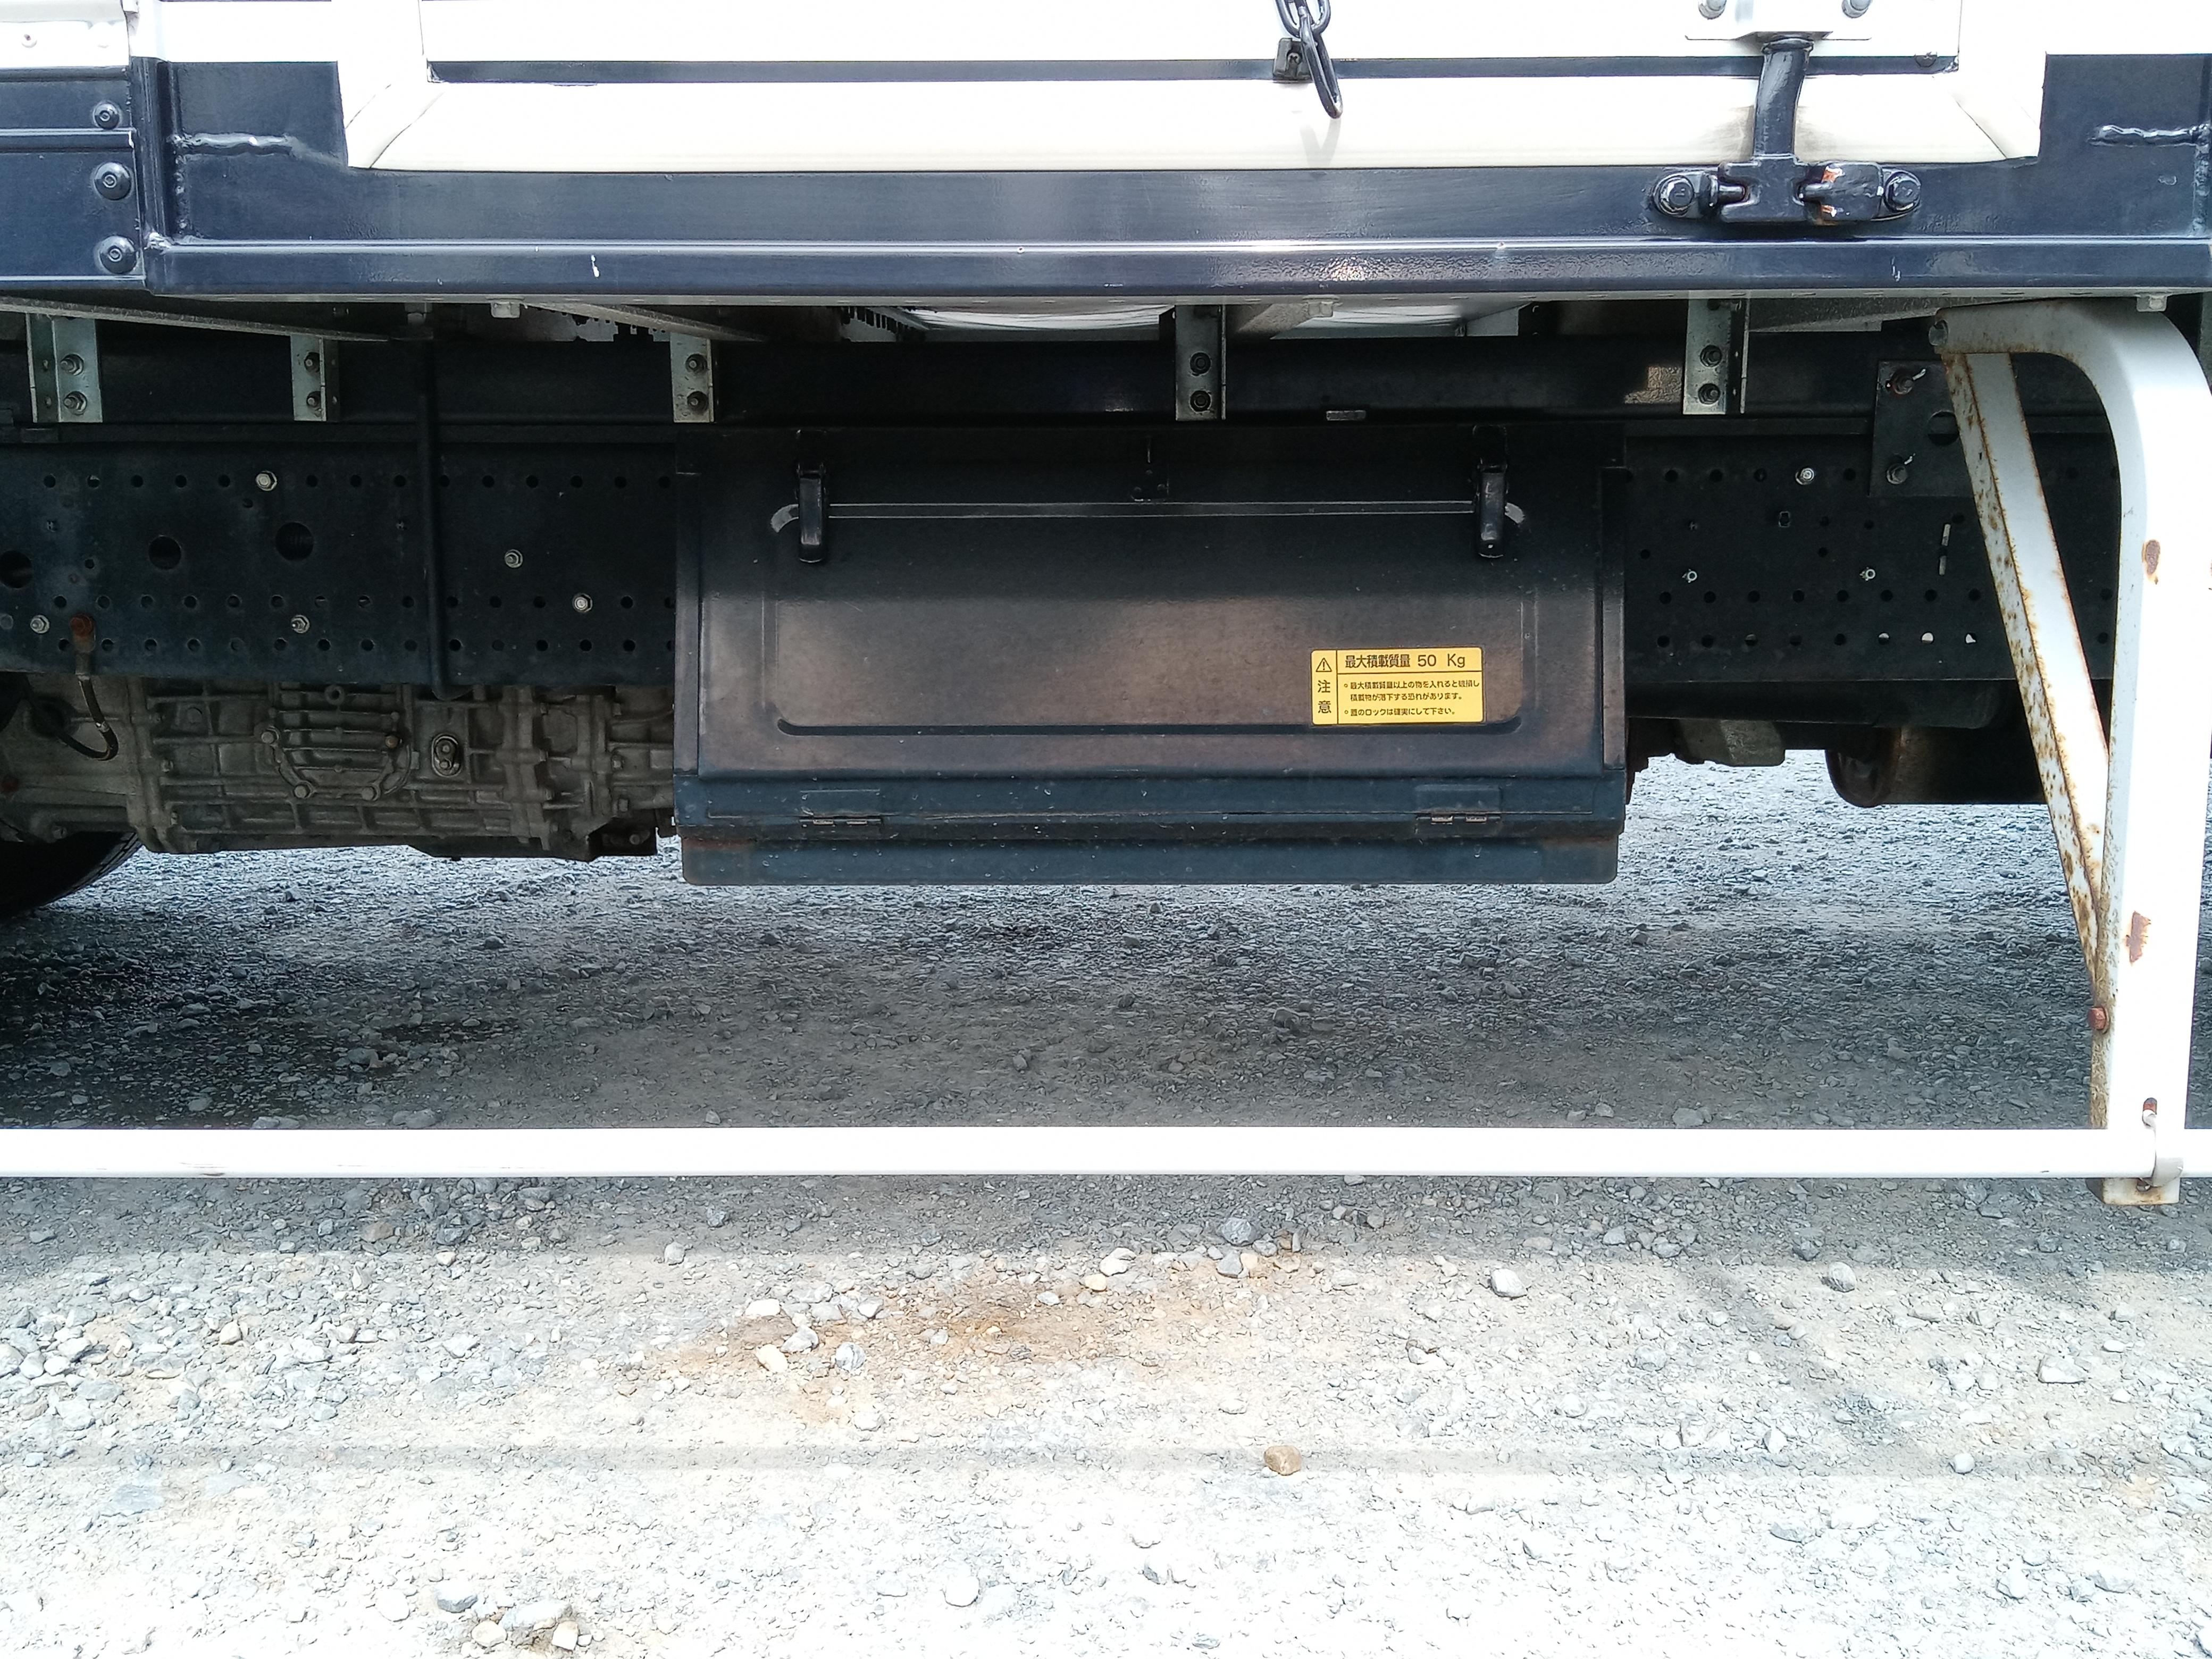 H22年 いすゞ フォワード アルミバン サイドドア付 ワイド 6MT 車検付き28